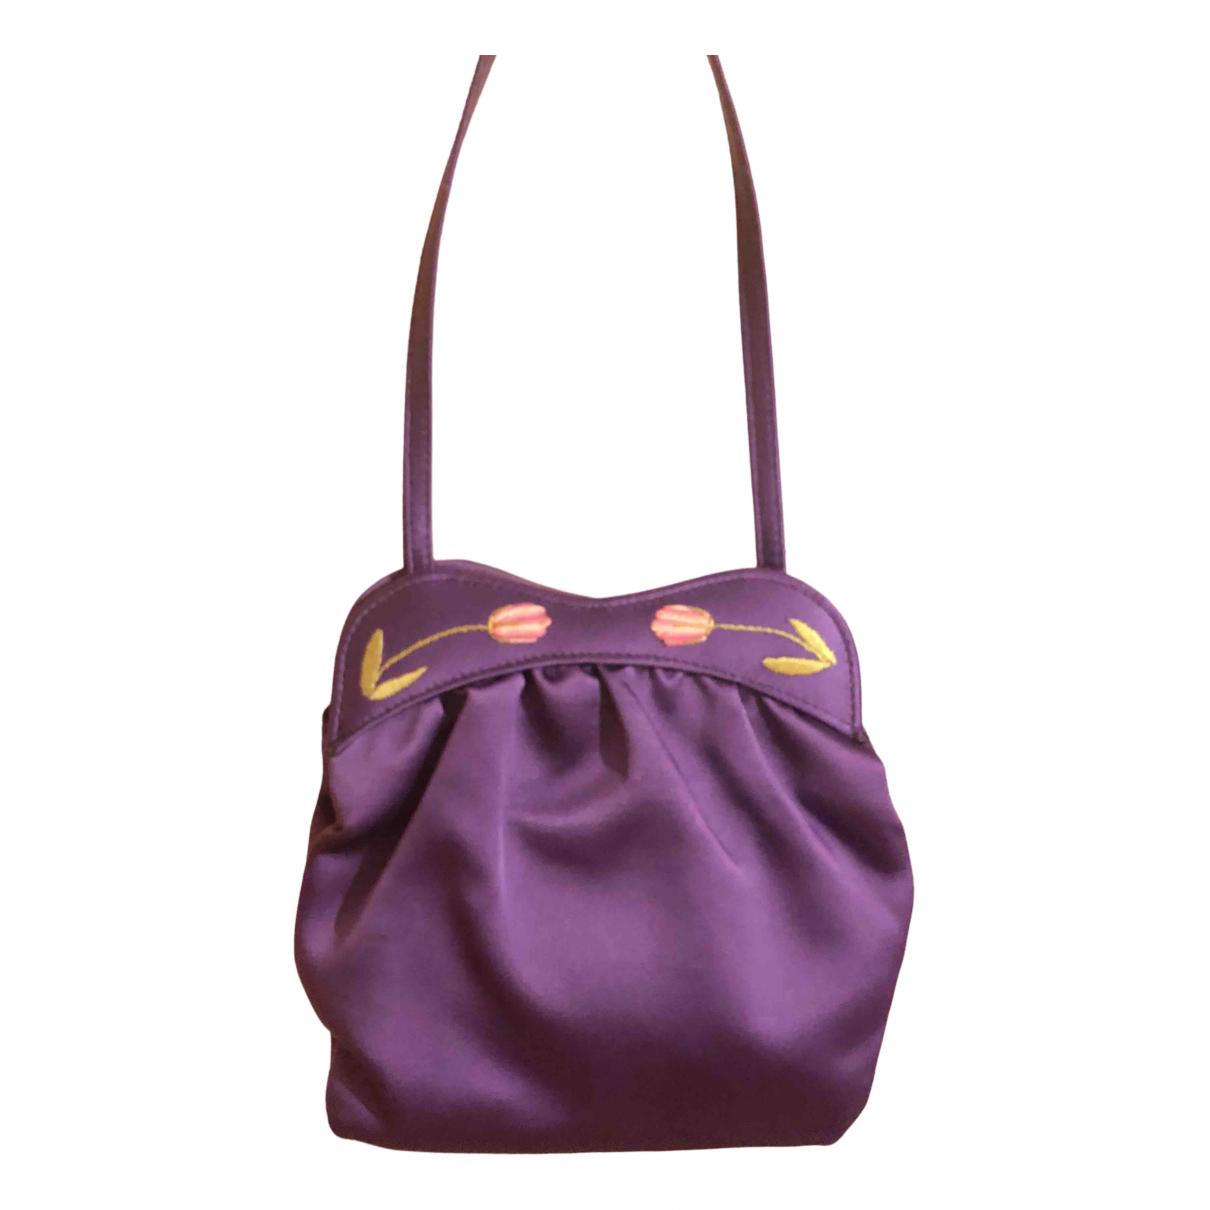 Lulu Guinness - Sac a main   pour femme en soie - violet